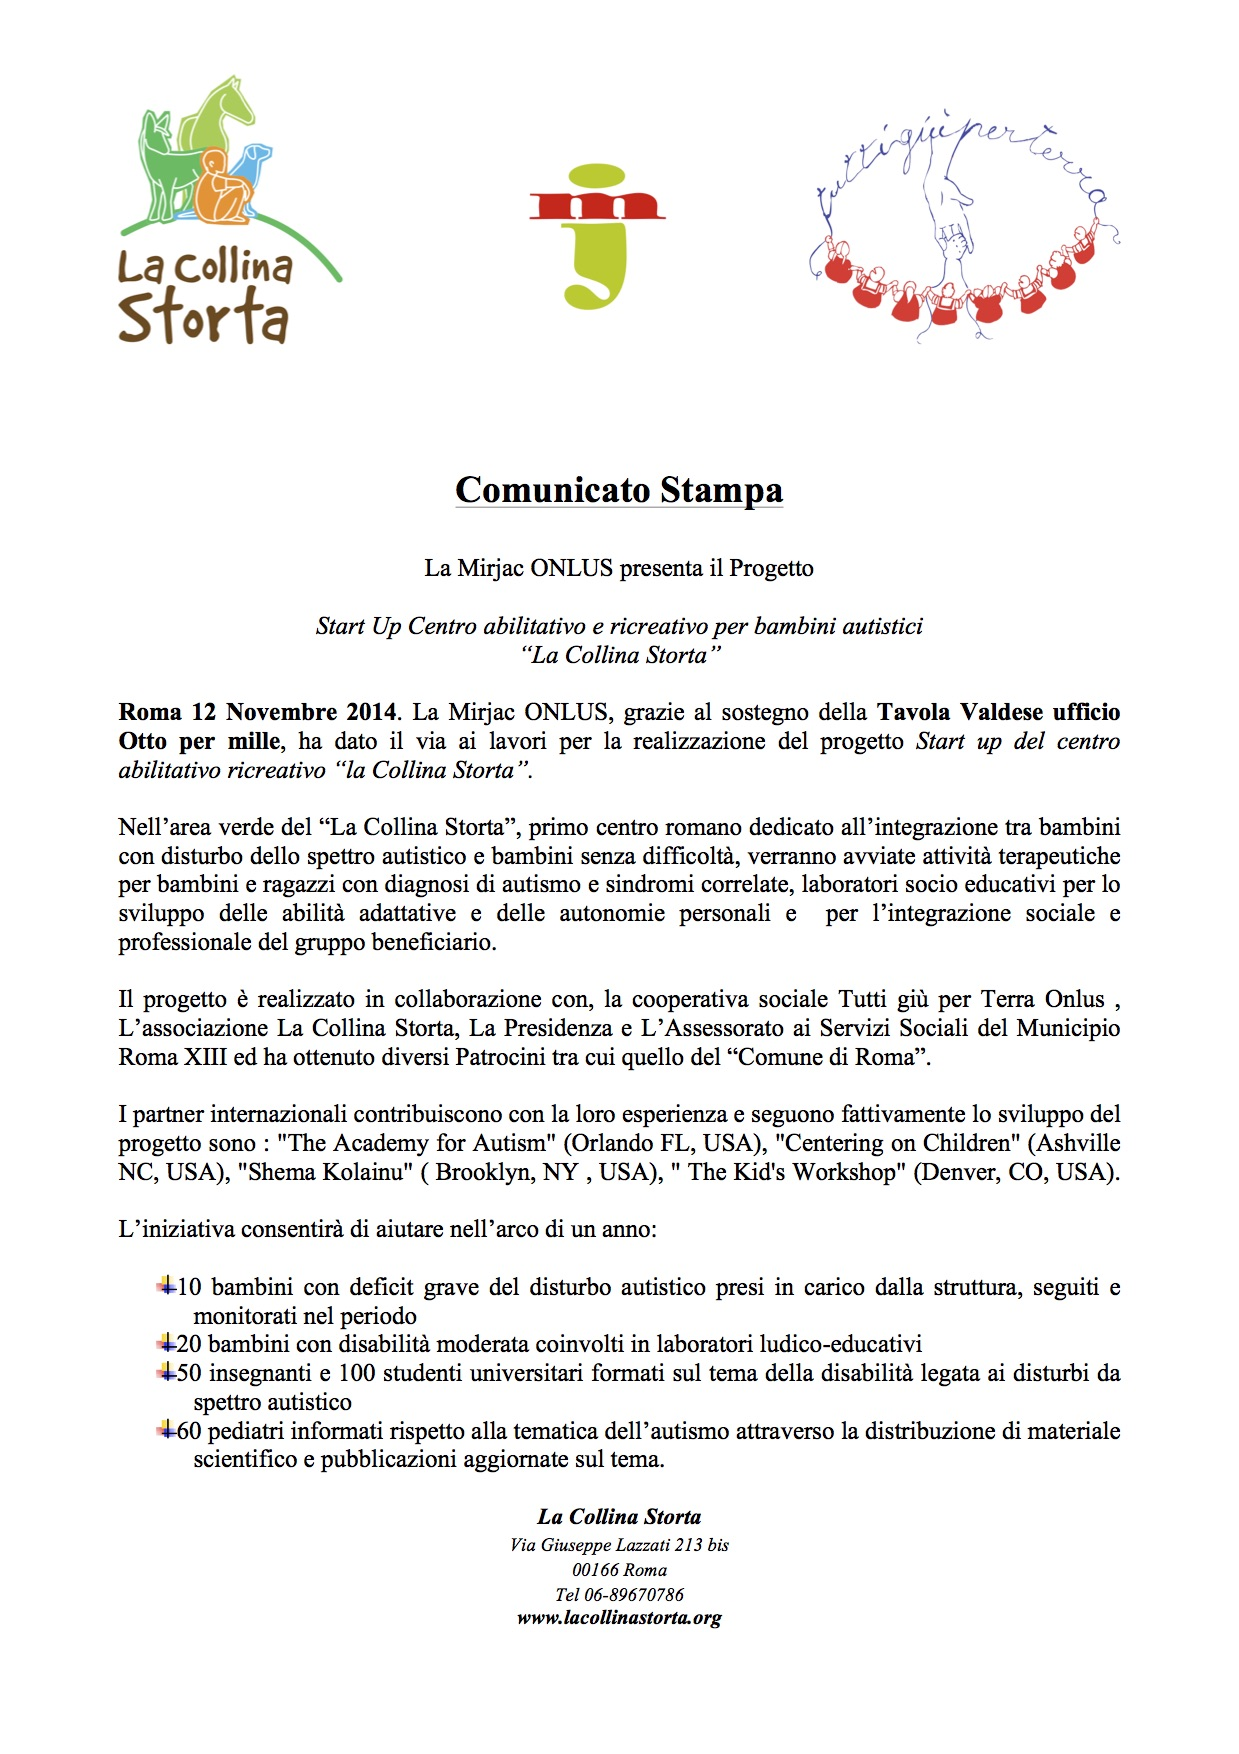 comunicato stampa 12_11_14